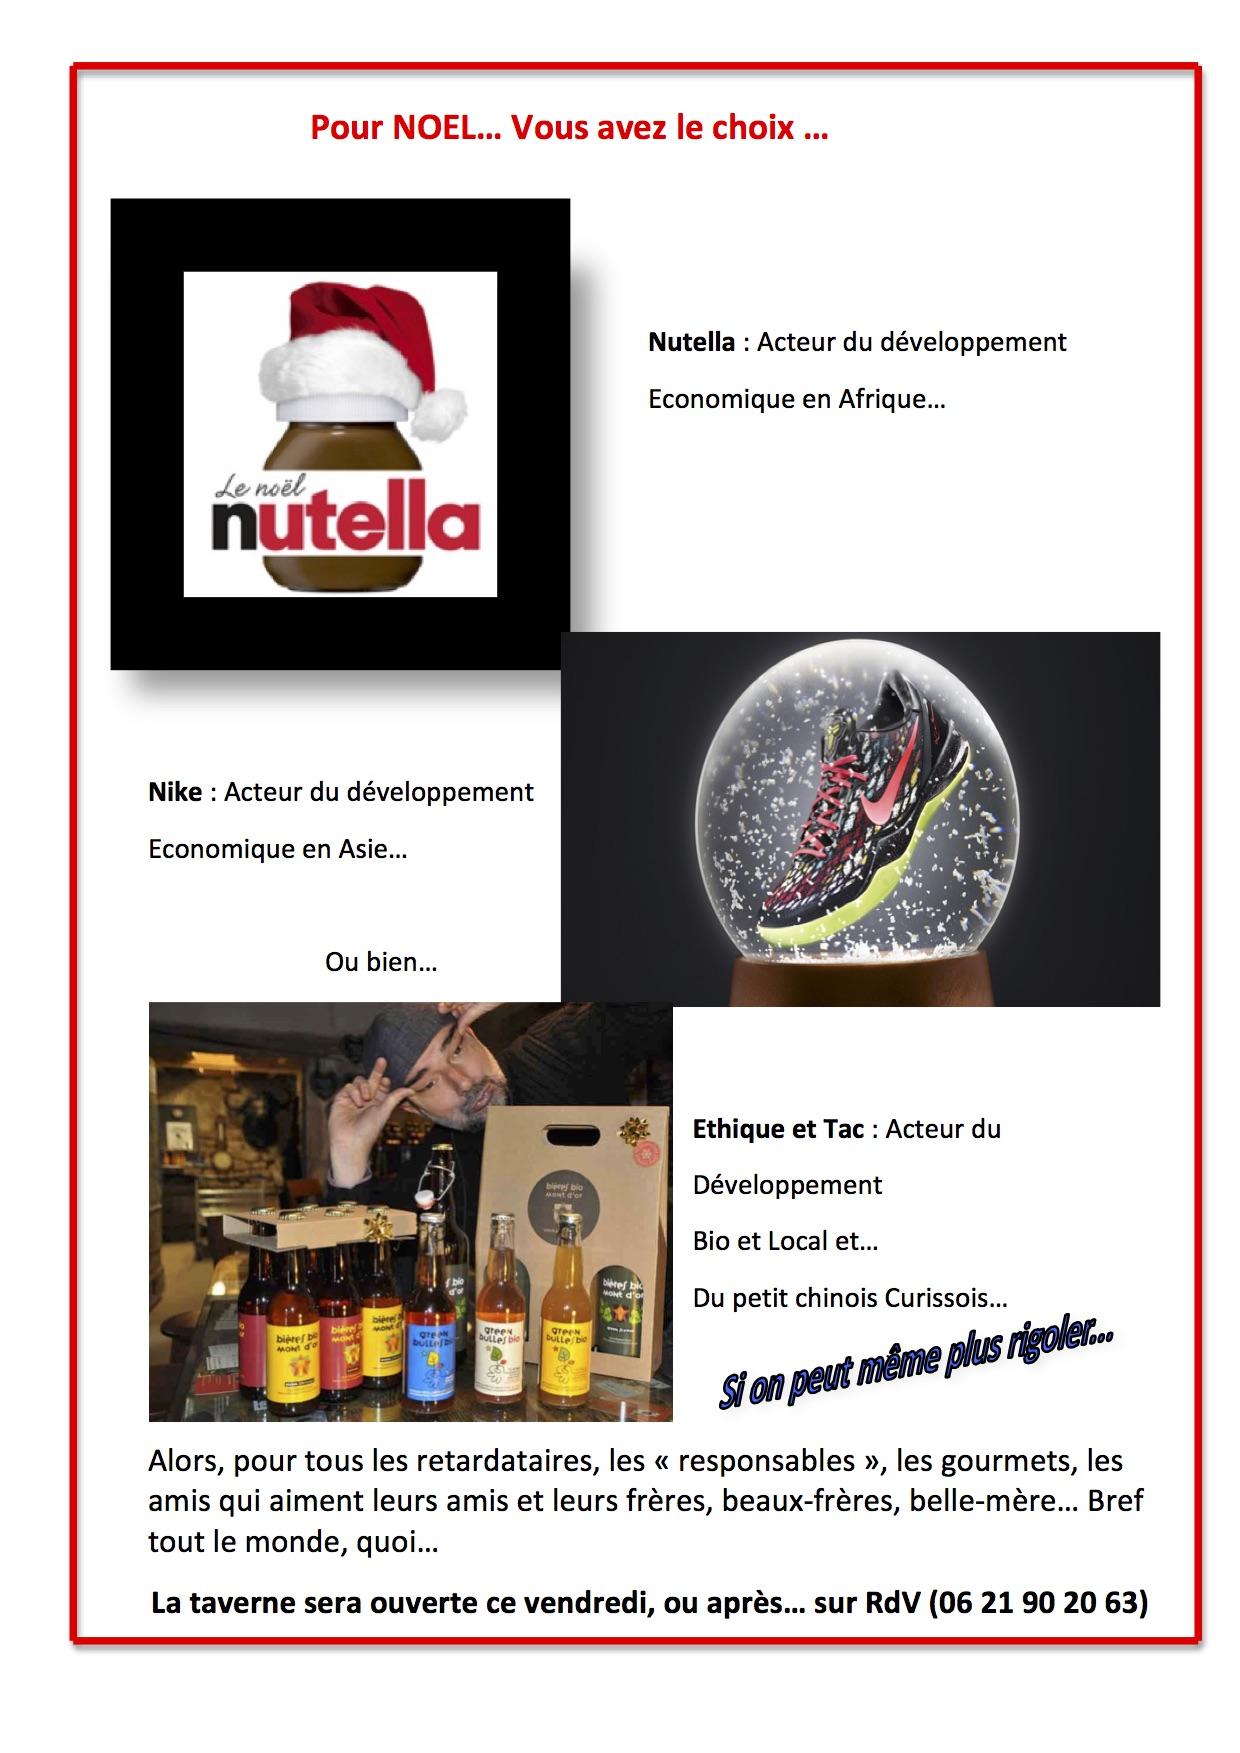 noel-et-ses-cadeaux